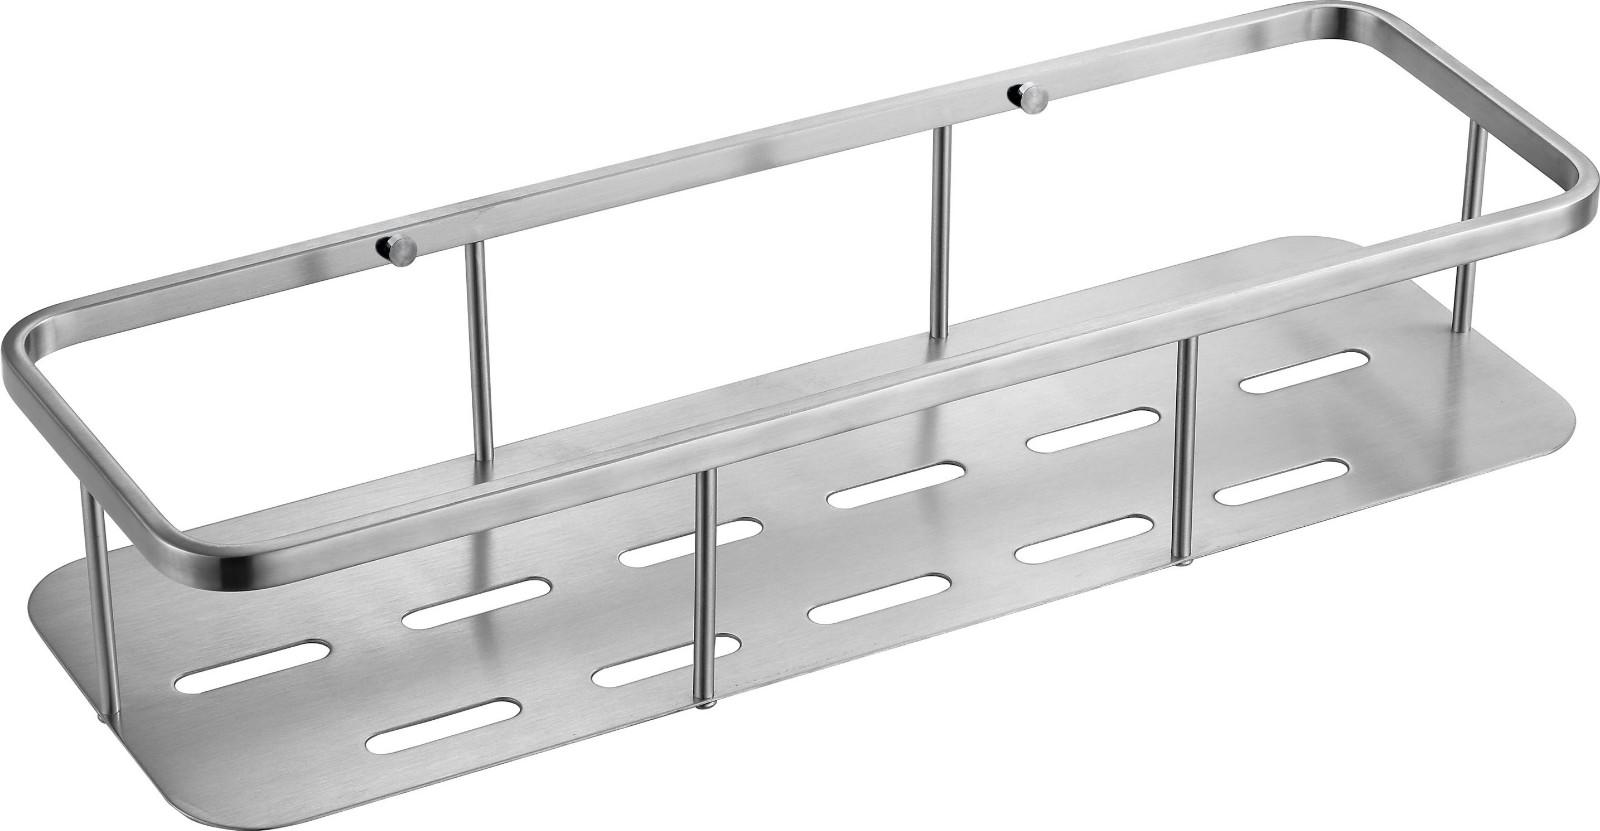 JC05 Stainless Steel Bathroom Accessories Shower Shampoo Basket-1